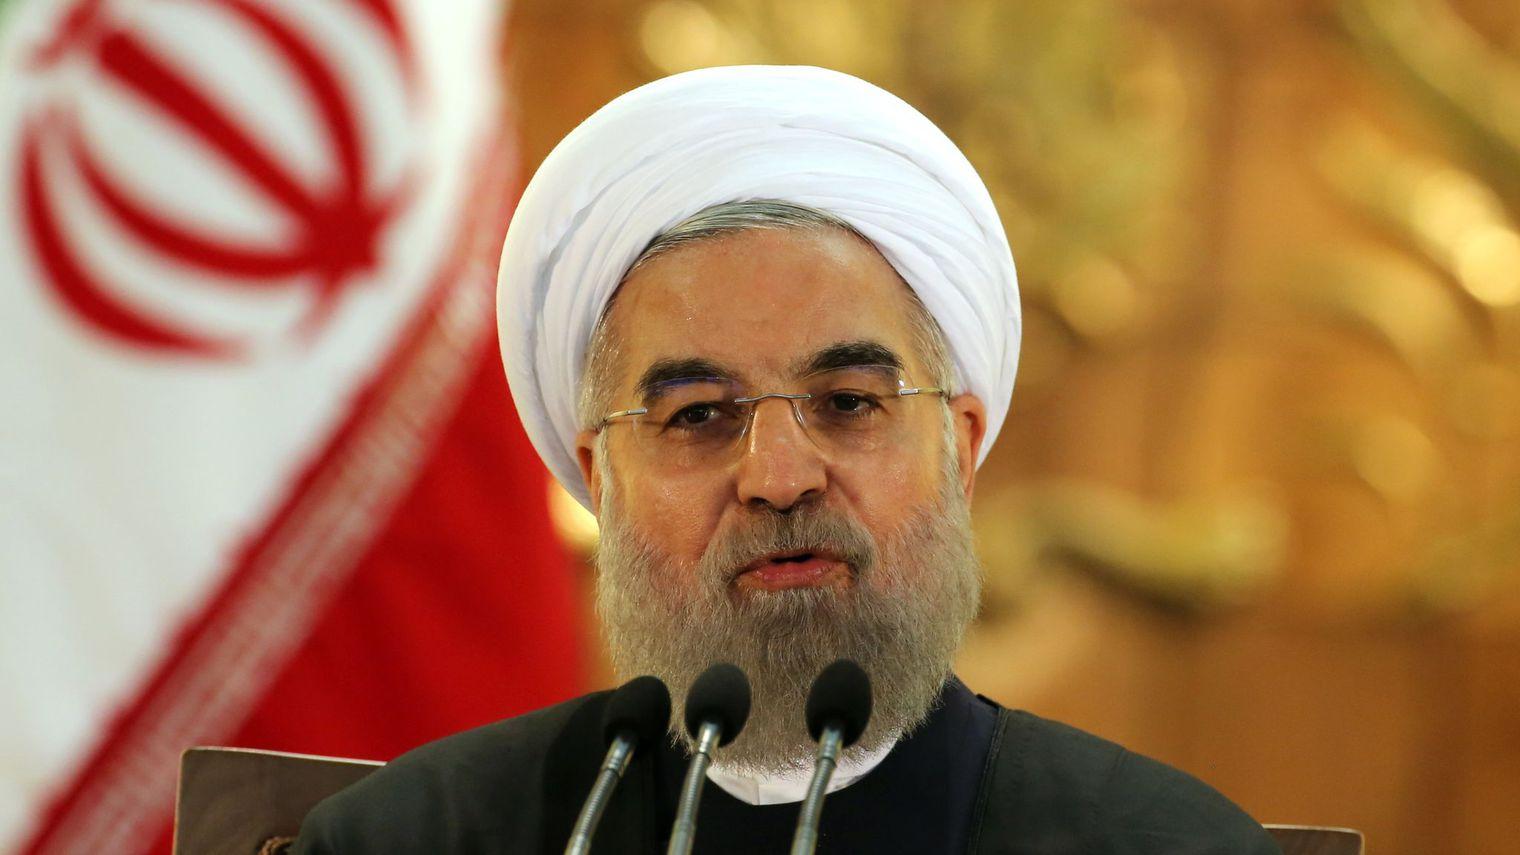 La levée des sanctions économiques iraniennes permettra de nouveaux échanges